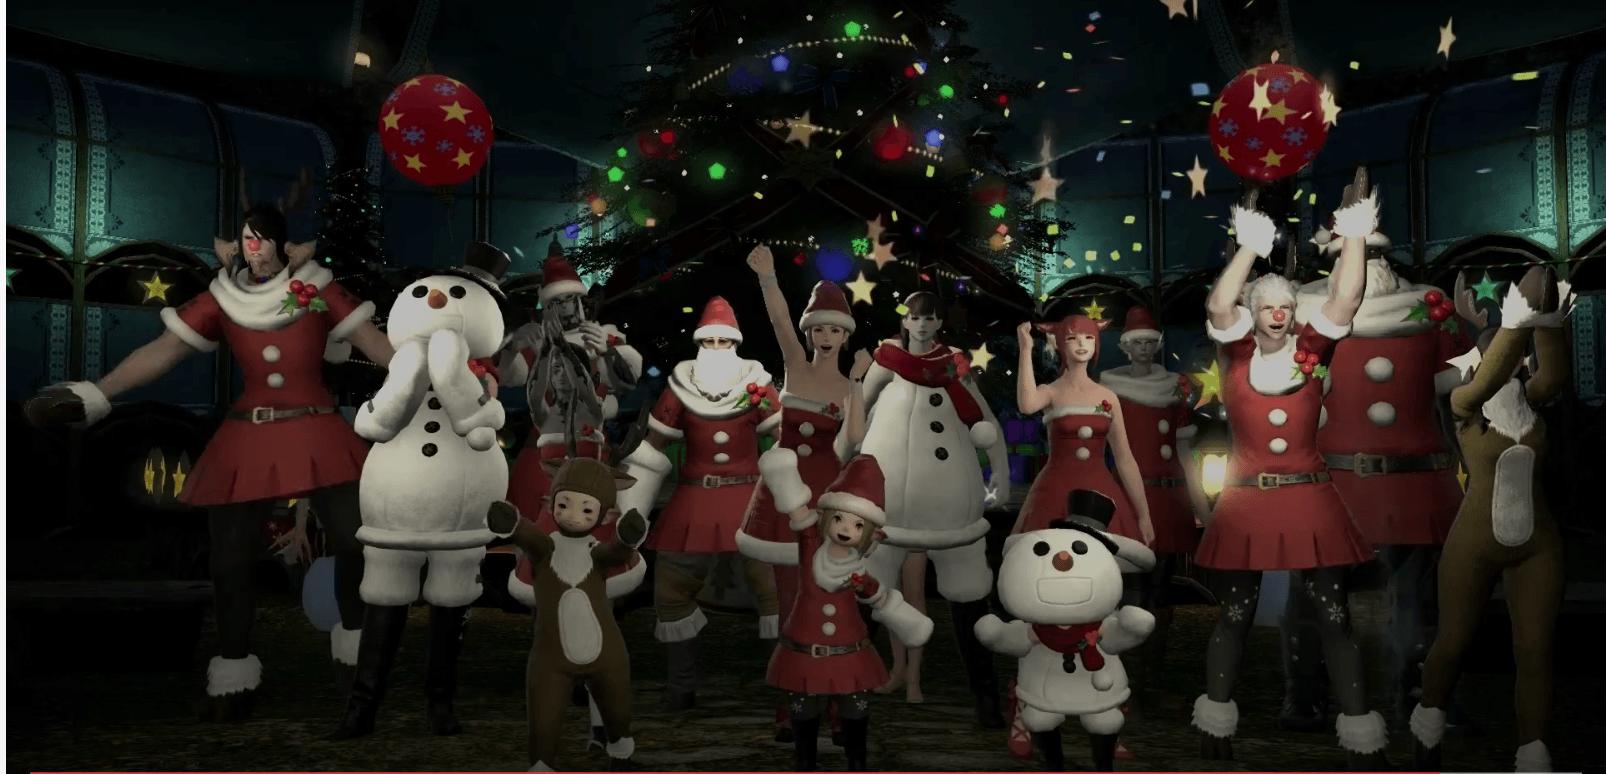 Final Fantasy XIV: 5 Millionen Spieler und ein zuckriger Weihnachts-Trailer